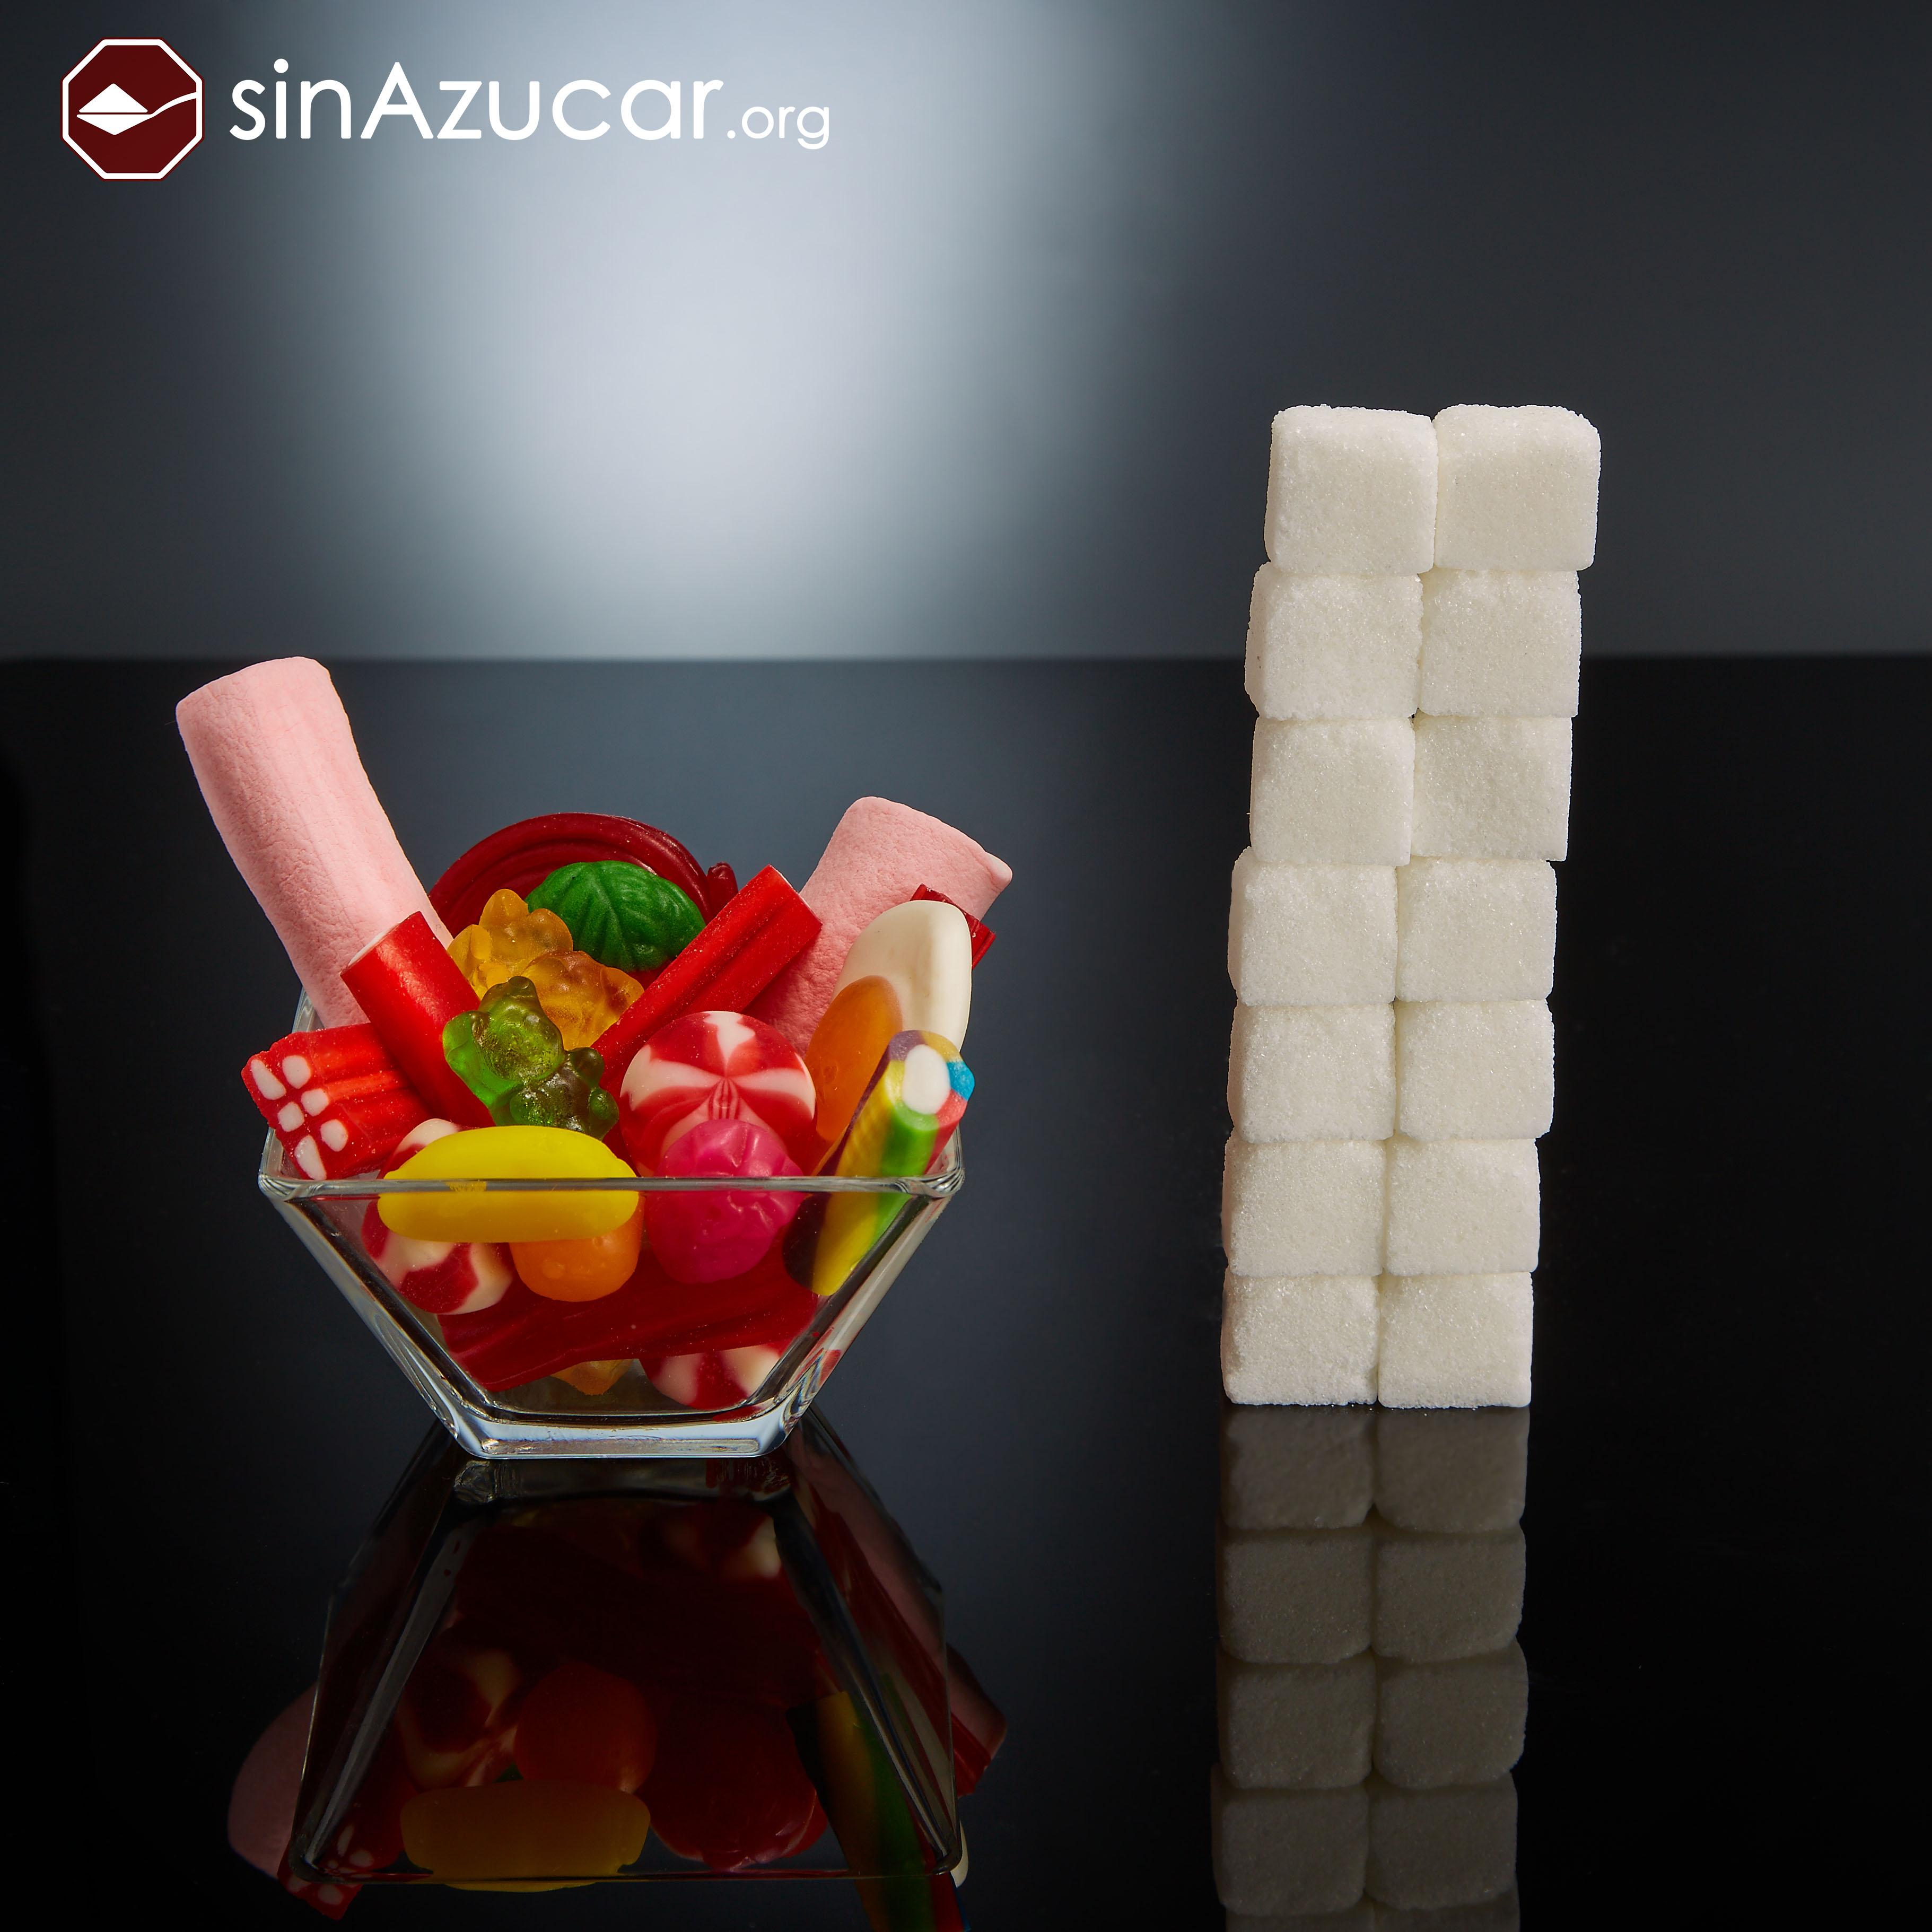 gomas quantidade de açúcar